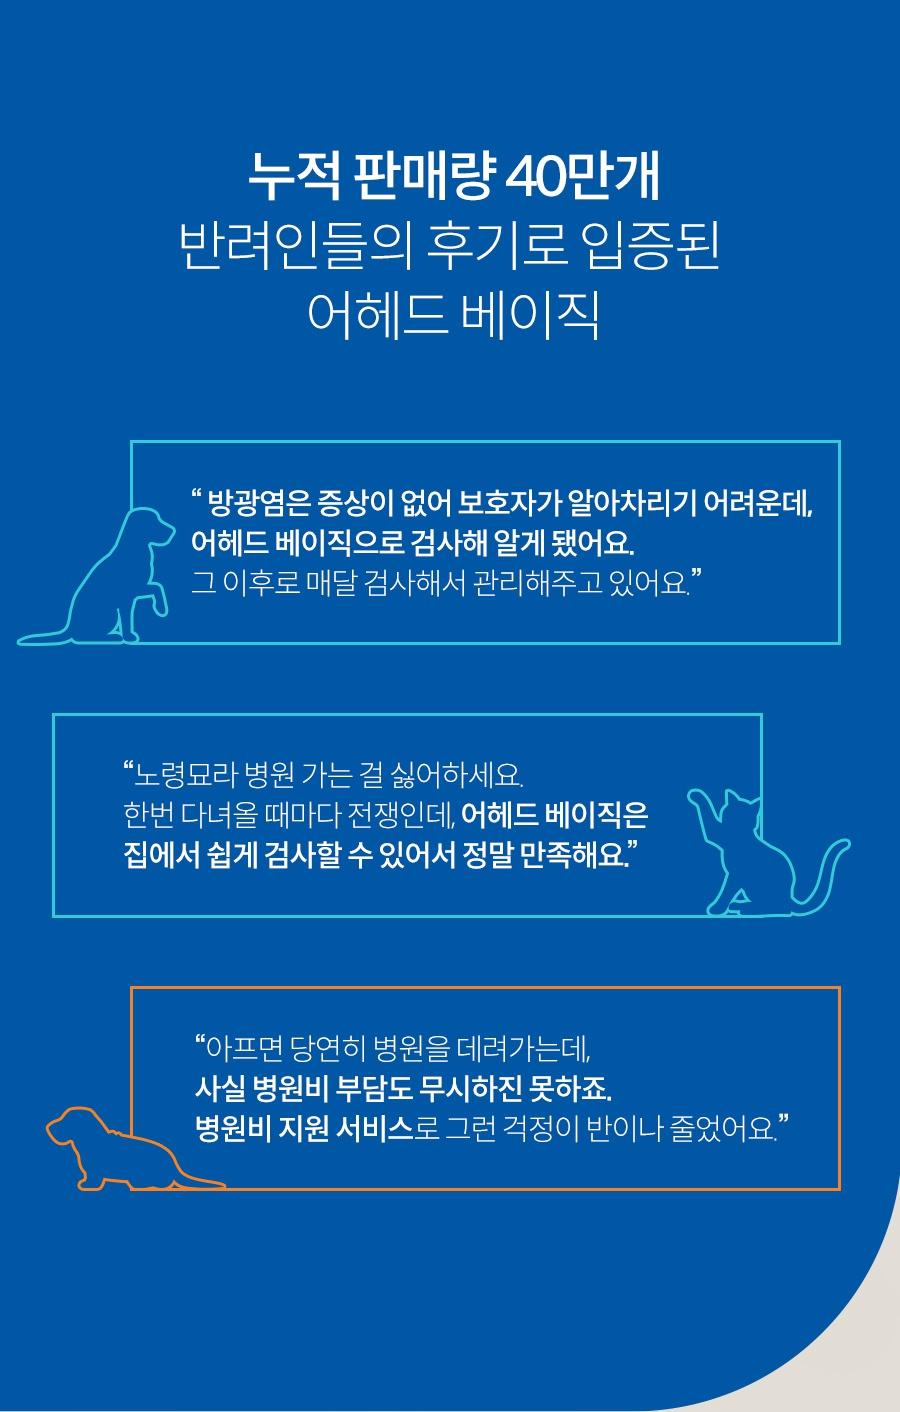 [리뉴얼이벤트] 어헤드 베이직 리뉴얼 출시-상품이미지-3